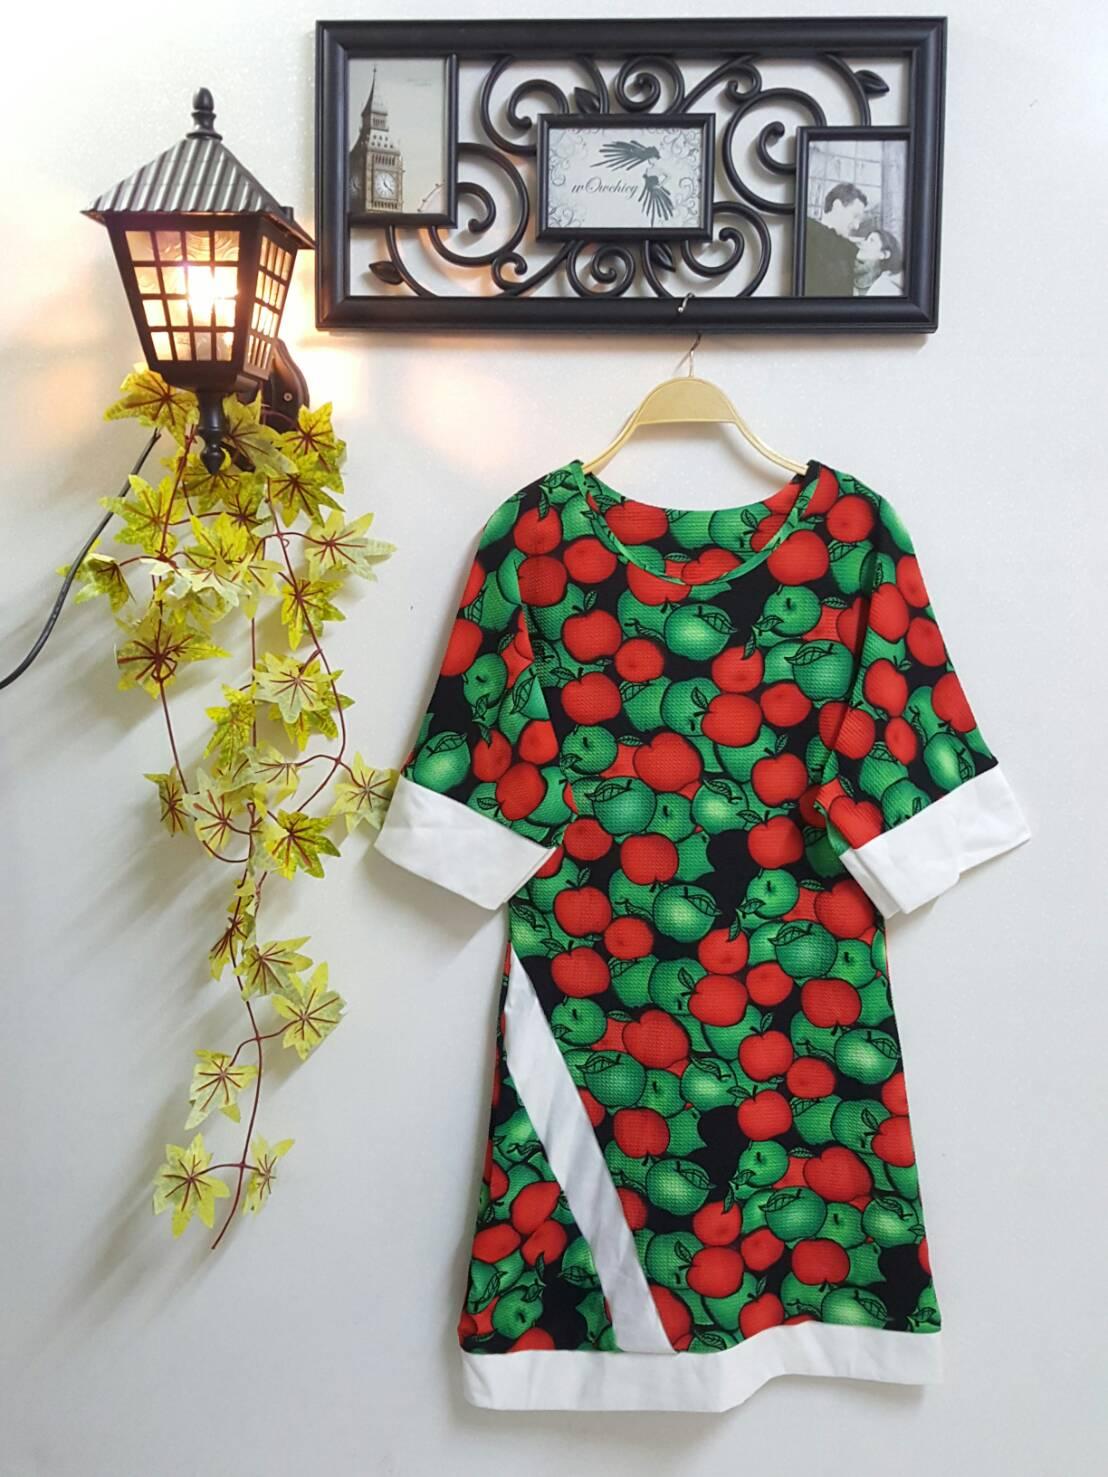 wOw Dress : ชุดเดรสสาวอวบทรงใหญ่ ผ้าทอหนังไก่ ลายผลไม้ ดีไซน์กุ๊นผ้าคอตต้อนสีขาวที่ปลายแขน ชายเดรส และป้ายด้านหน้า ผ้าเนื้อนุ่มยืดหยุ่นเยอะใส่สบายค่ะ สีสันสดใสรับสงกรานต์ค่ะ